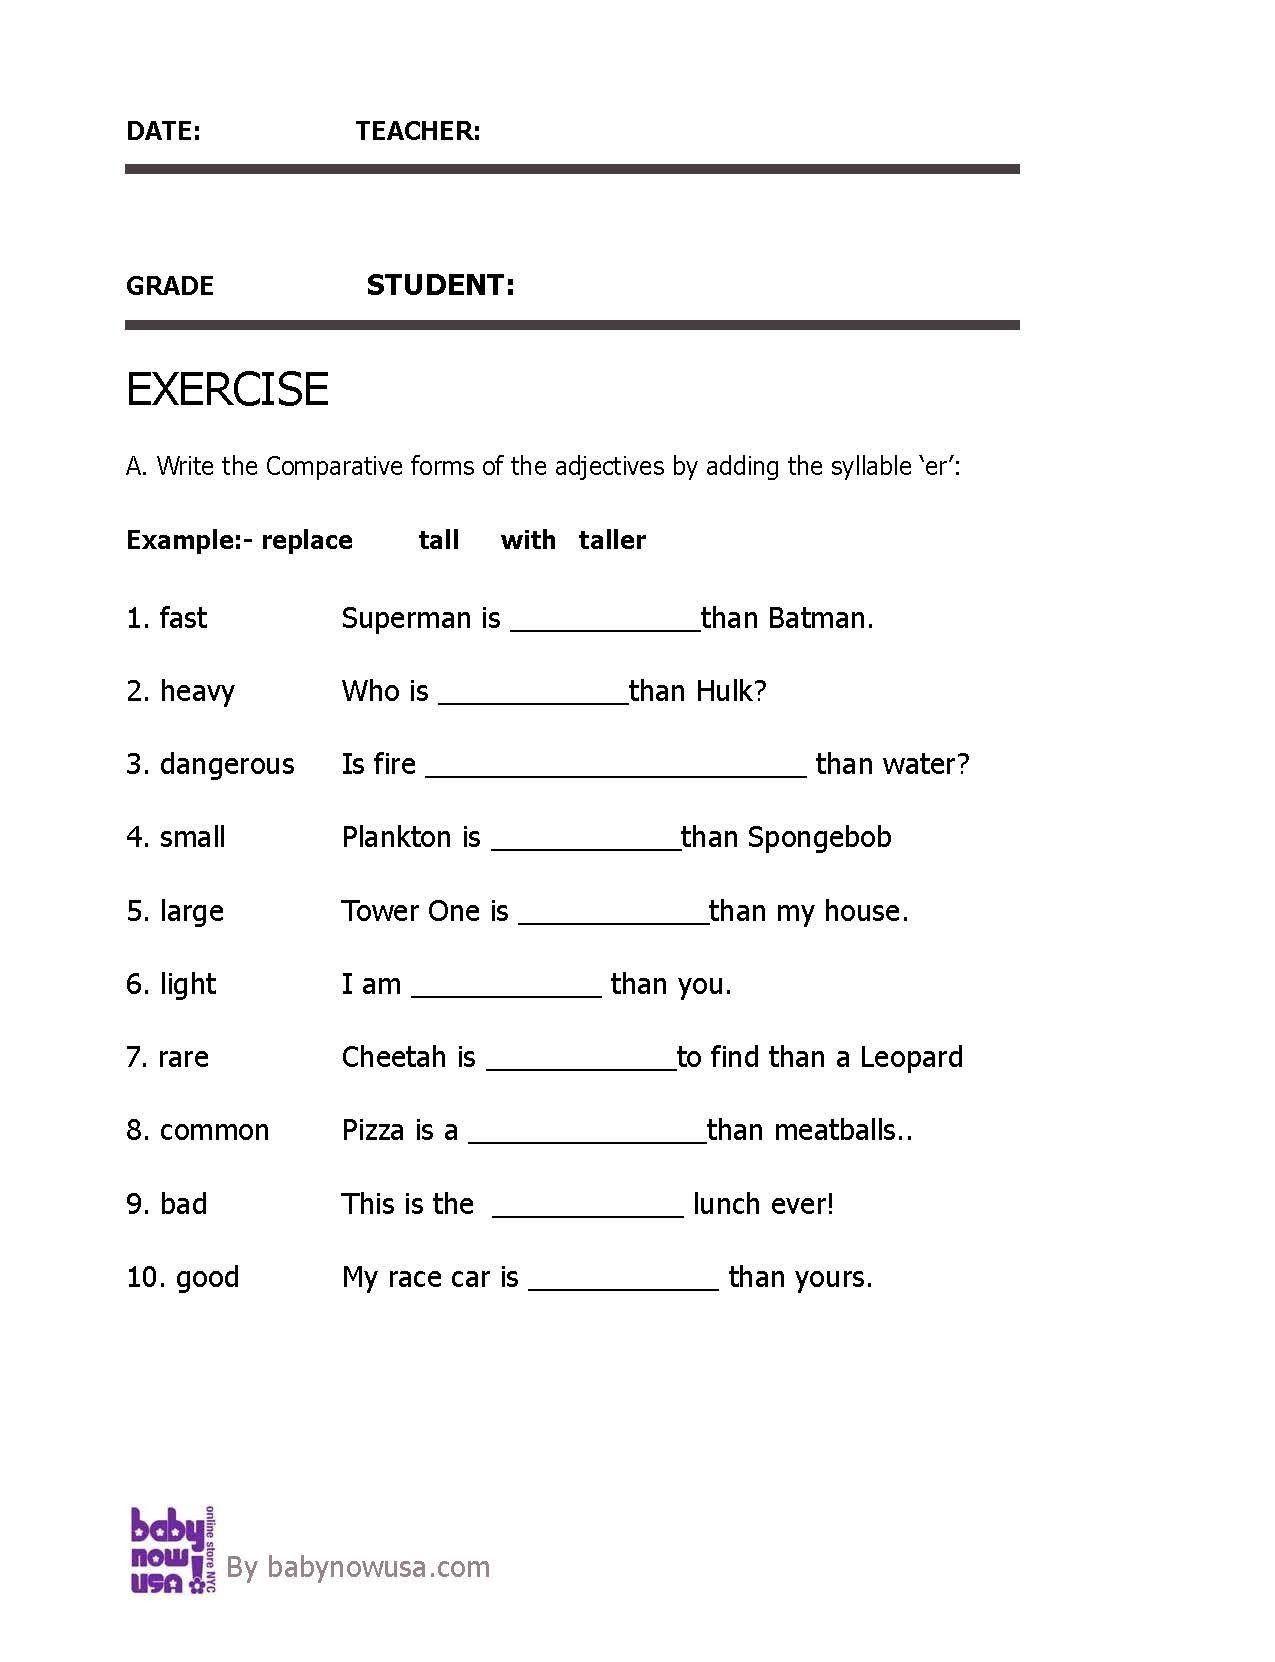 Order Of Adjectives Worksheet Adjectives Parative Adjective Worksheet For Grade 3 Comparative Adjectives Worksheet Comparative Adjectives Adjective Worksheet